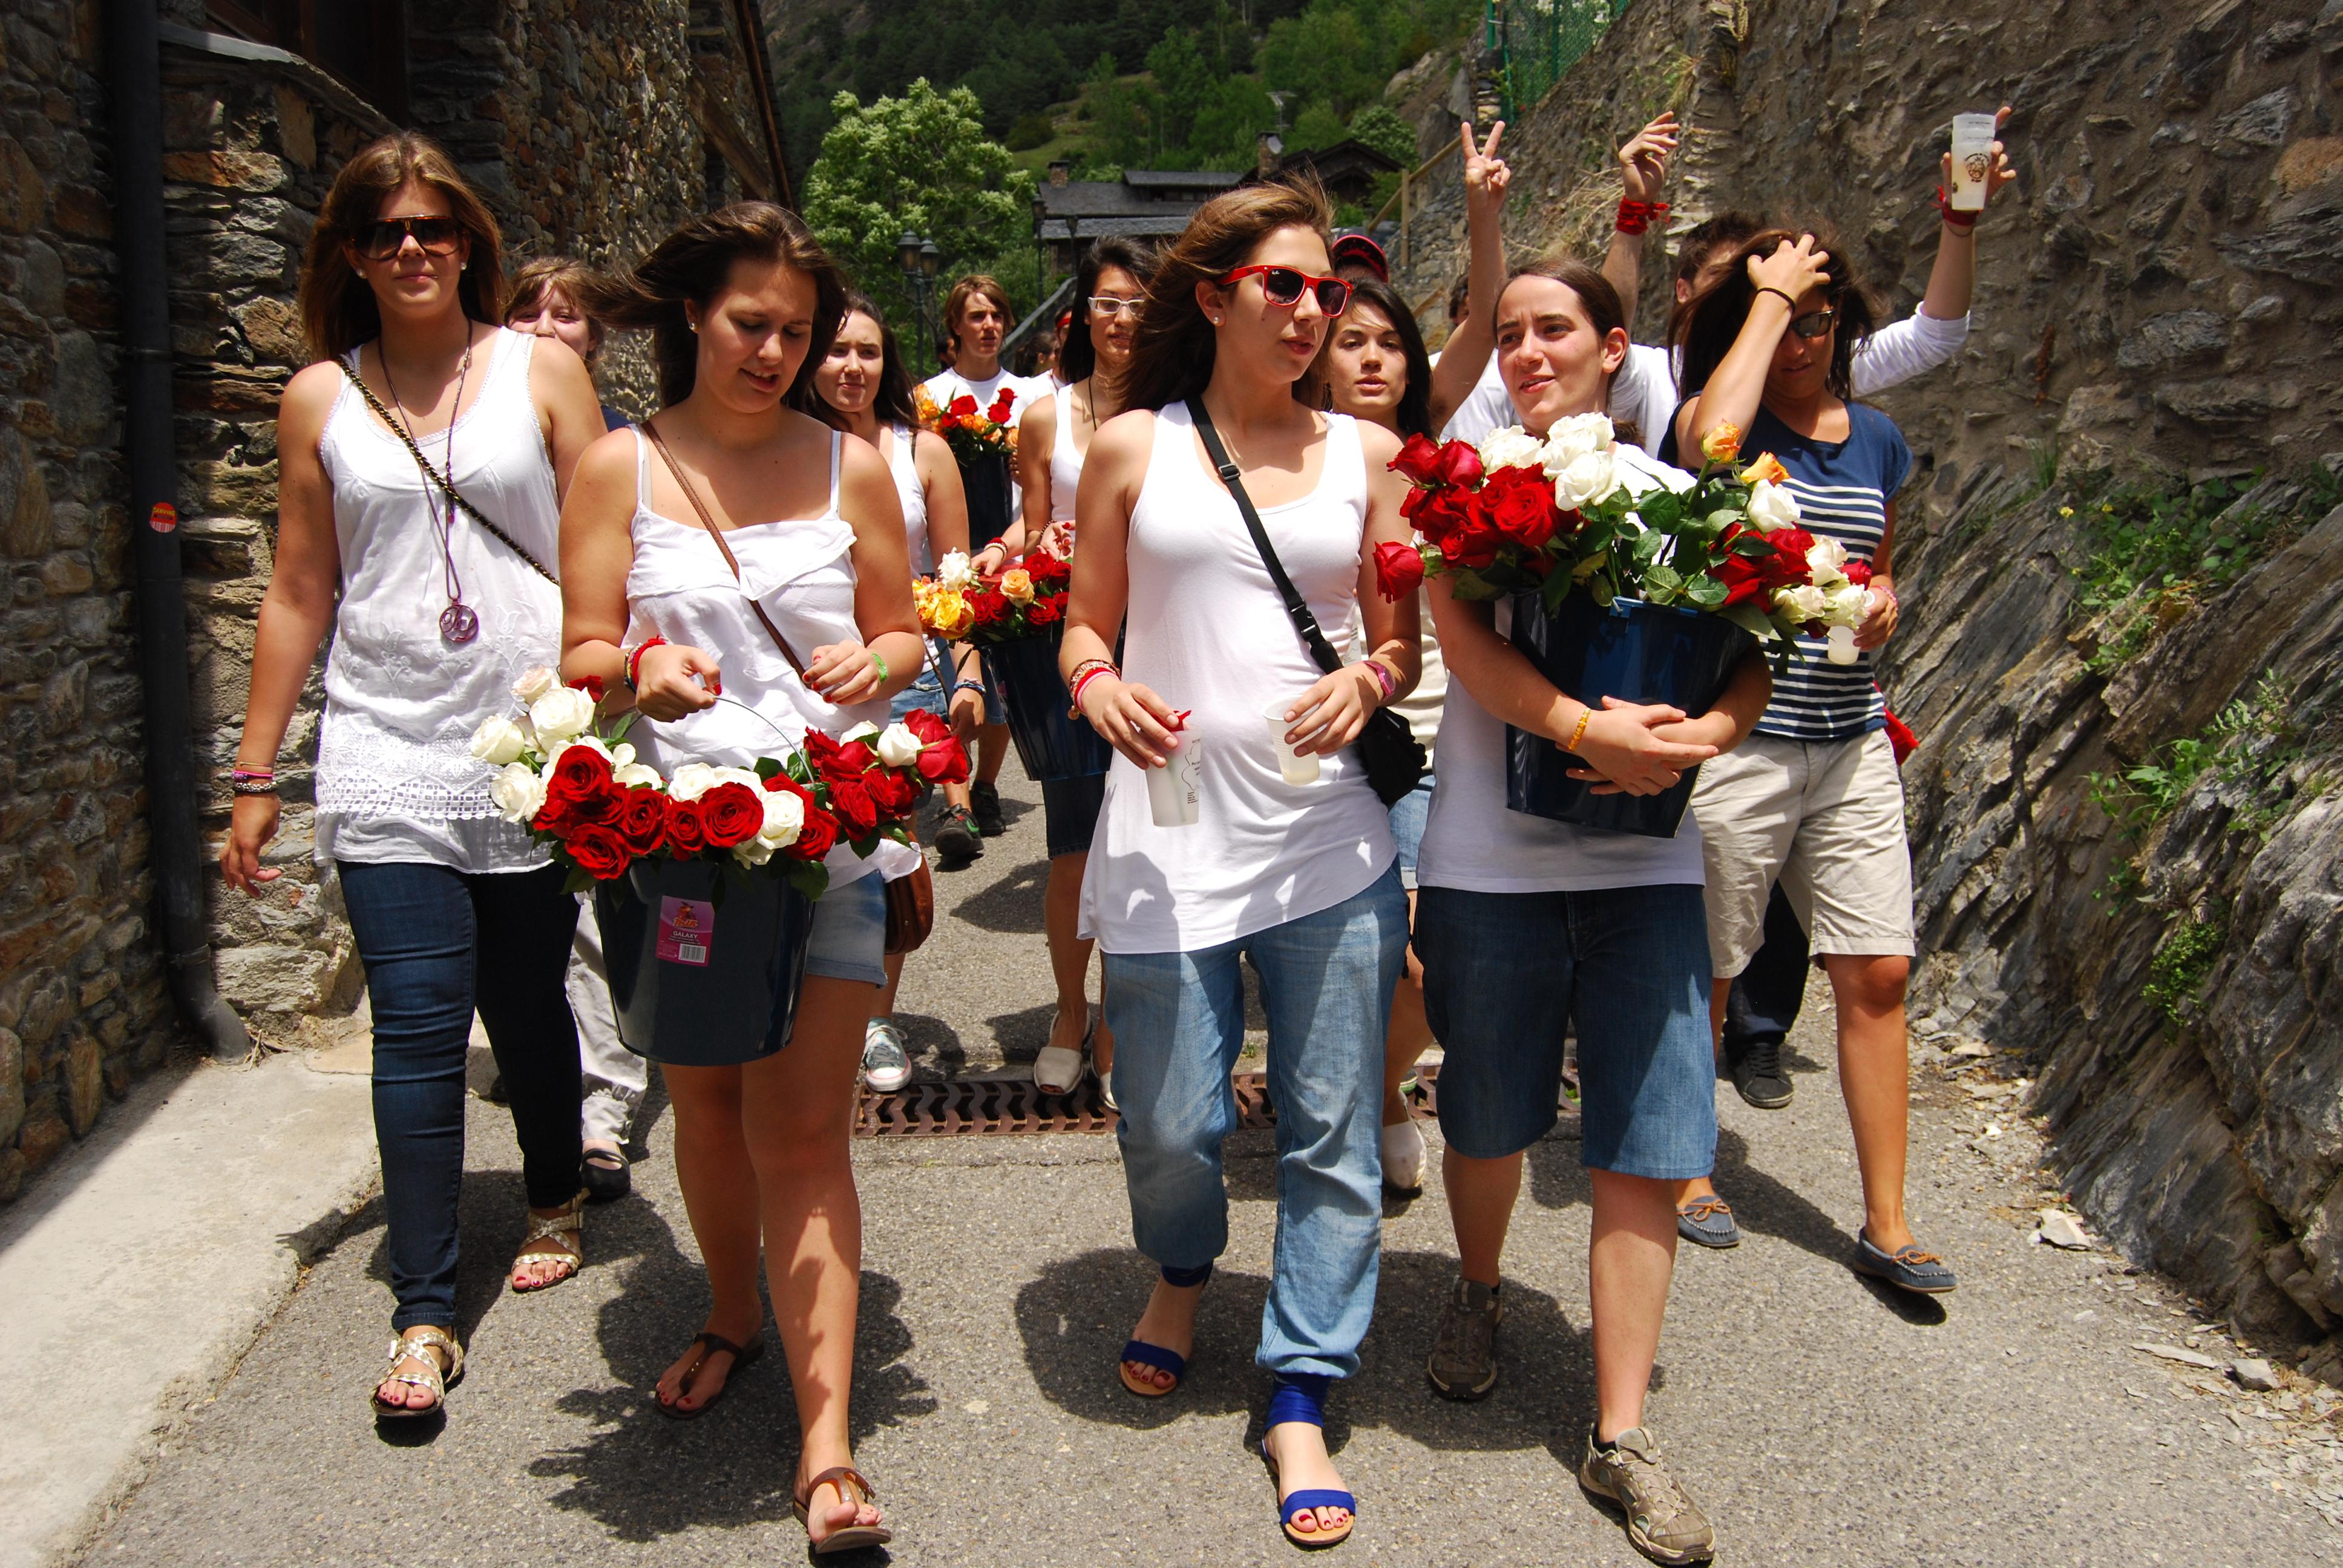 La festivitat del Roser entronca directament amb la devoció a la Mare de Déu del Roser, un culte marià que a Ordino esdevé una festa molt arrelada al poble amb la rosa com a element essencial.